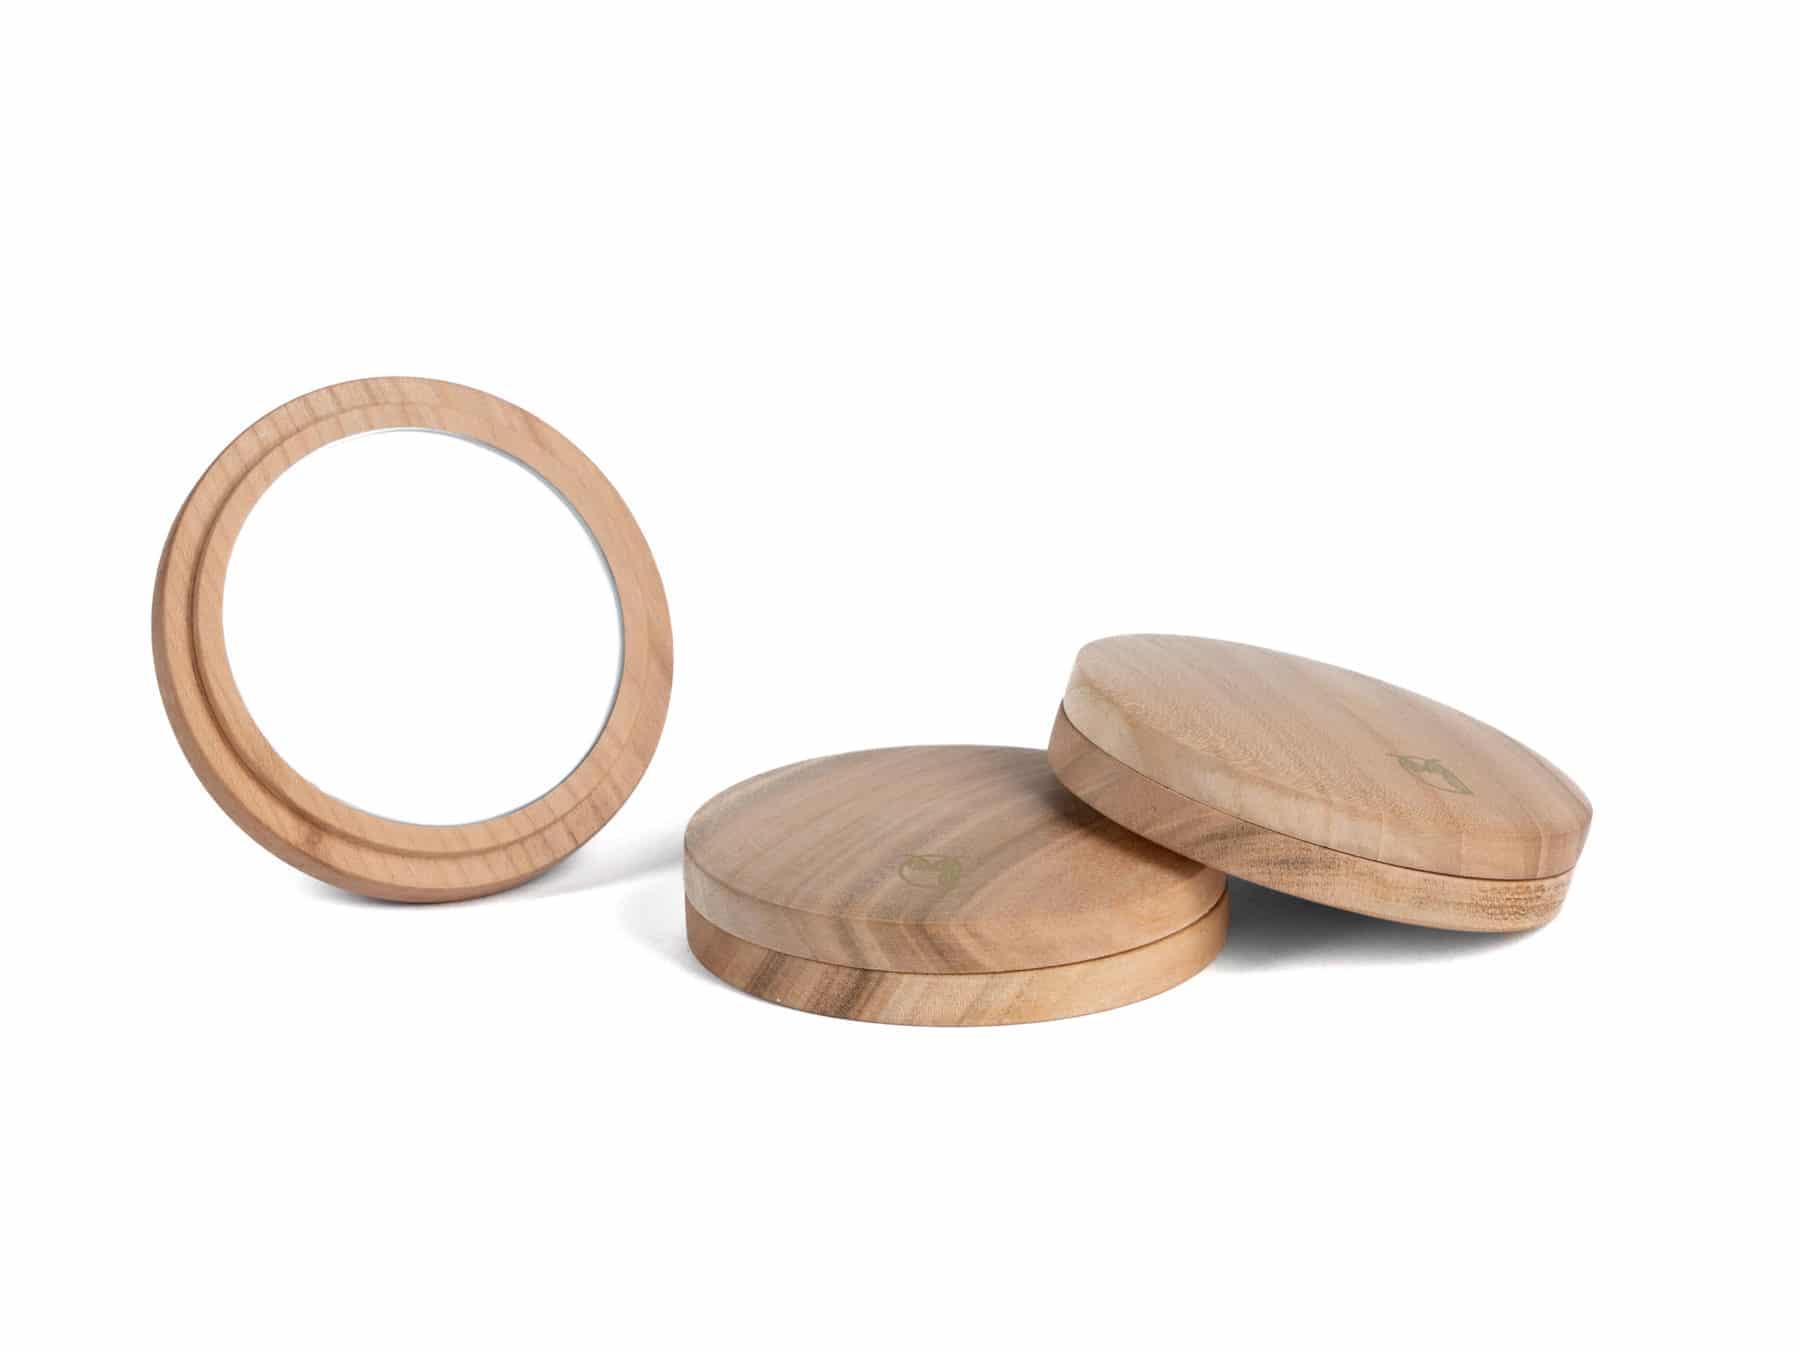 Taschenspiegel Holz magnetisch swiss handmade Stilgraf KURTS.ch